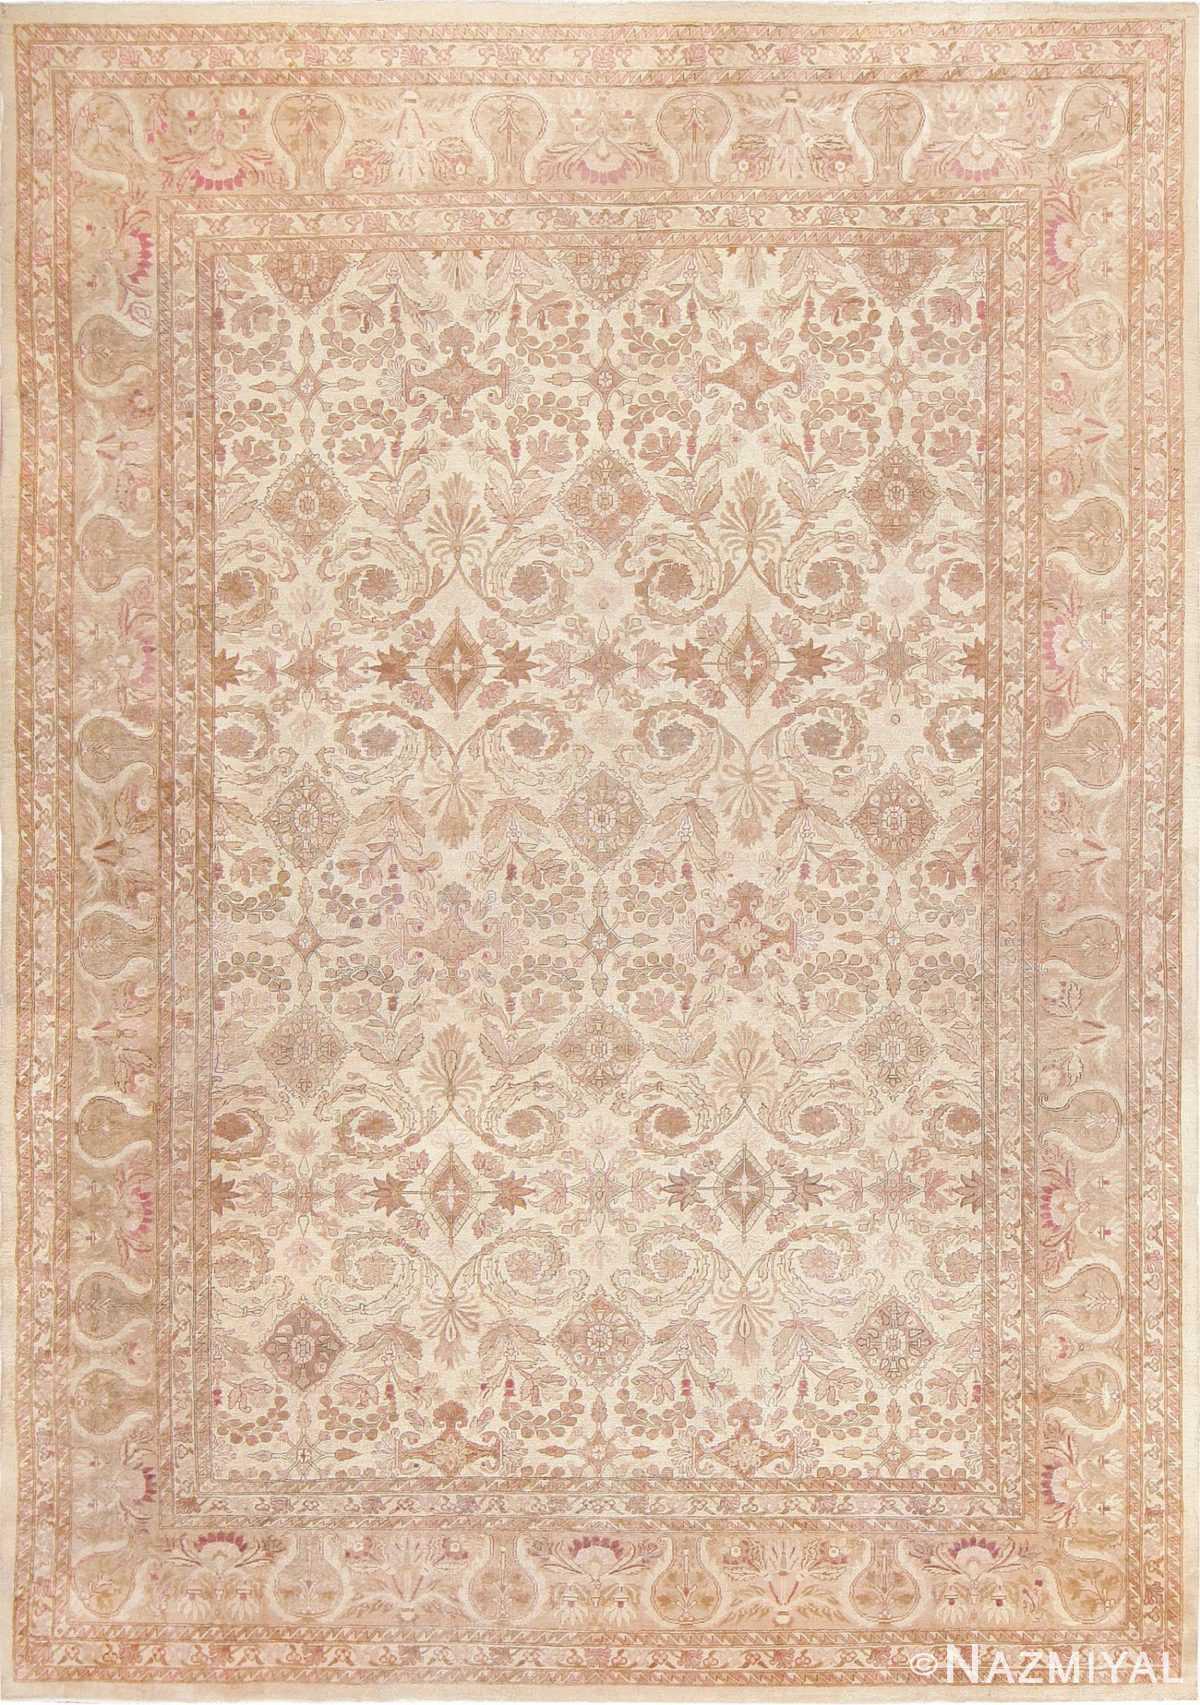 Ivory Background Antique Indian Amritsar Rug 47438 Nazmiyal